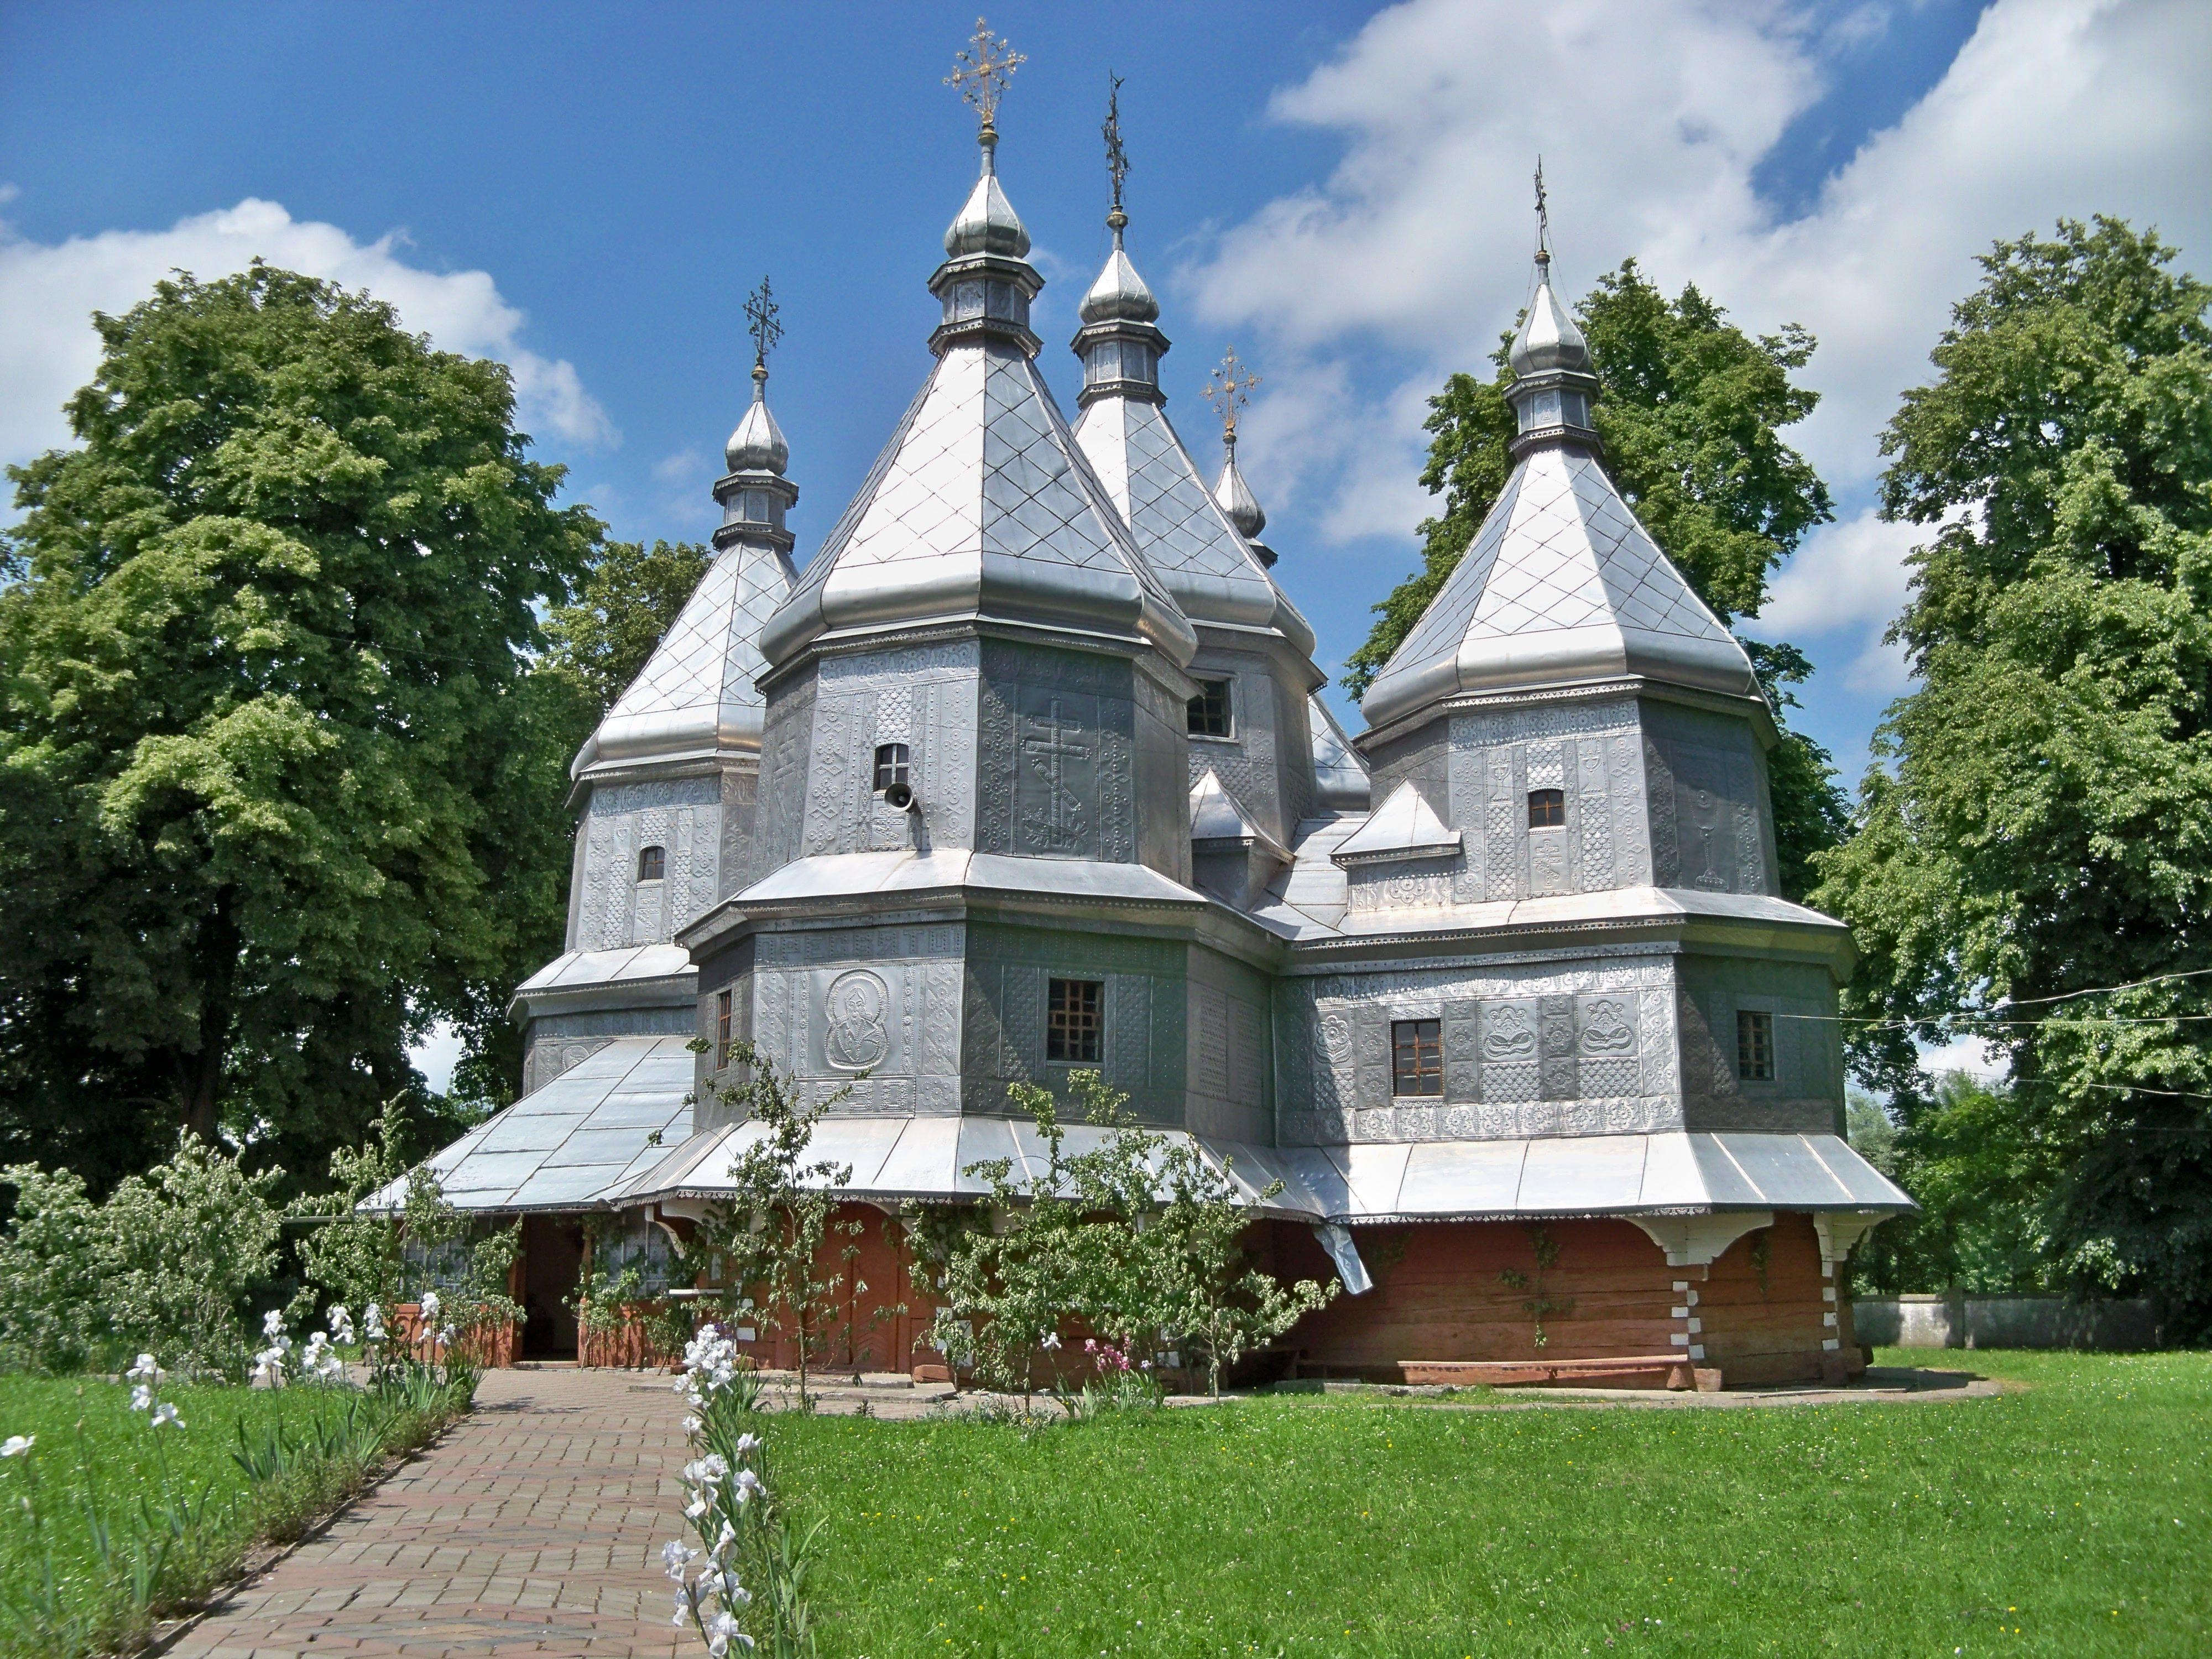 Файл:3. Нижній Вербіж.Церква Різдва Пресвятої Богородиці (Нижній Вербіж).JPG  — Вікіпедія